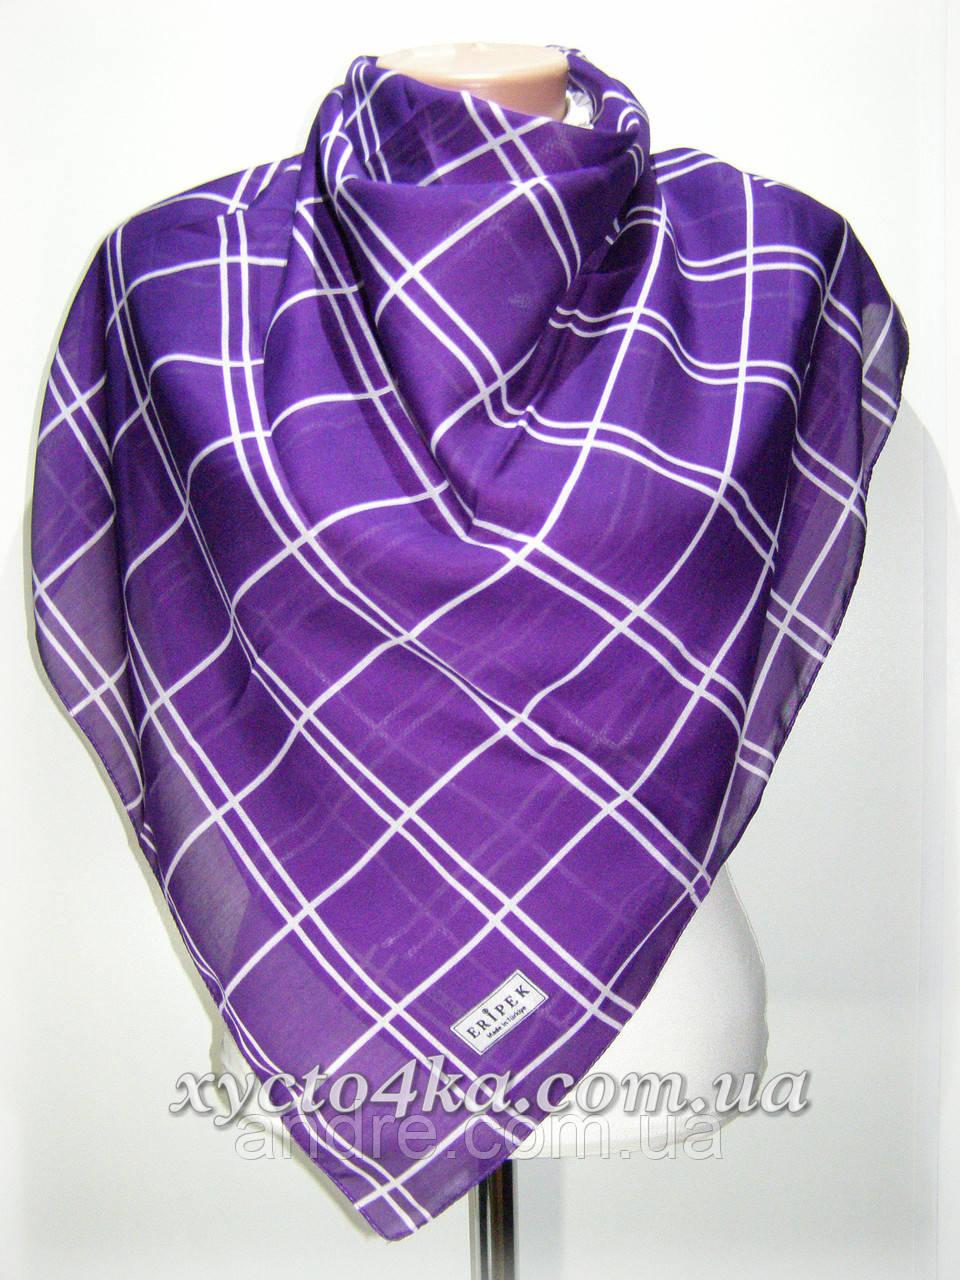 Платки на натуральной основе Клетка, фиолетовый